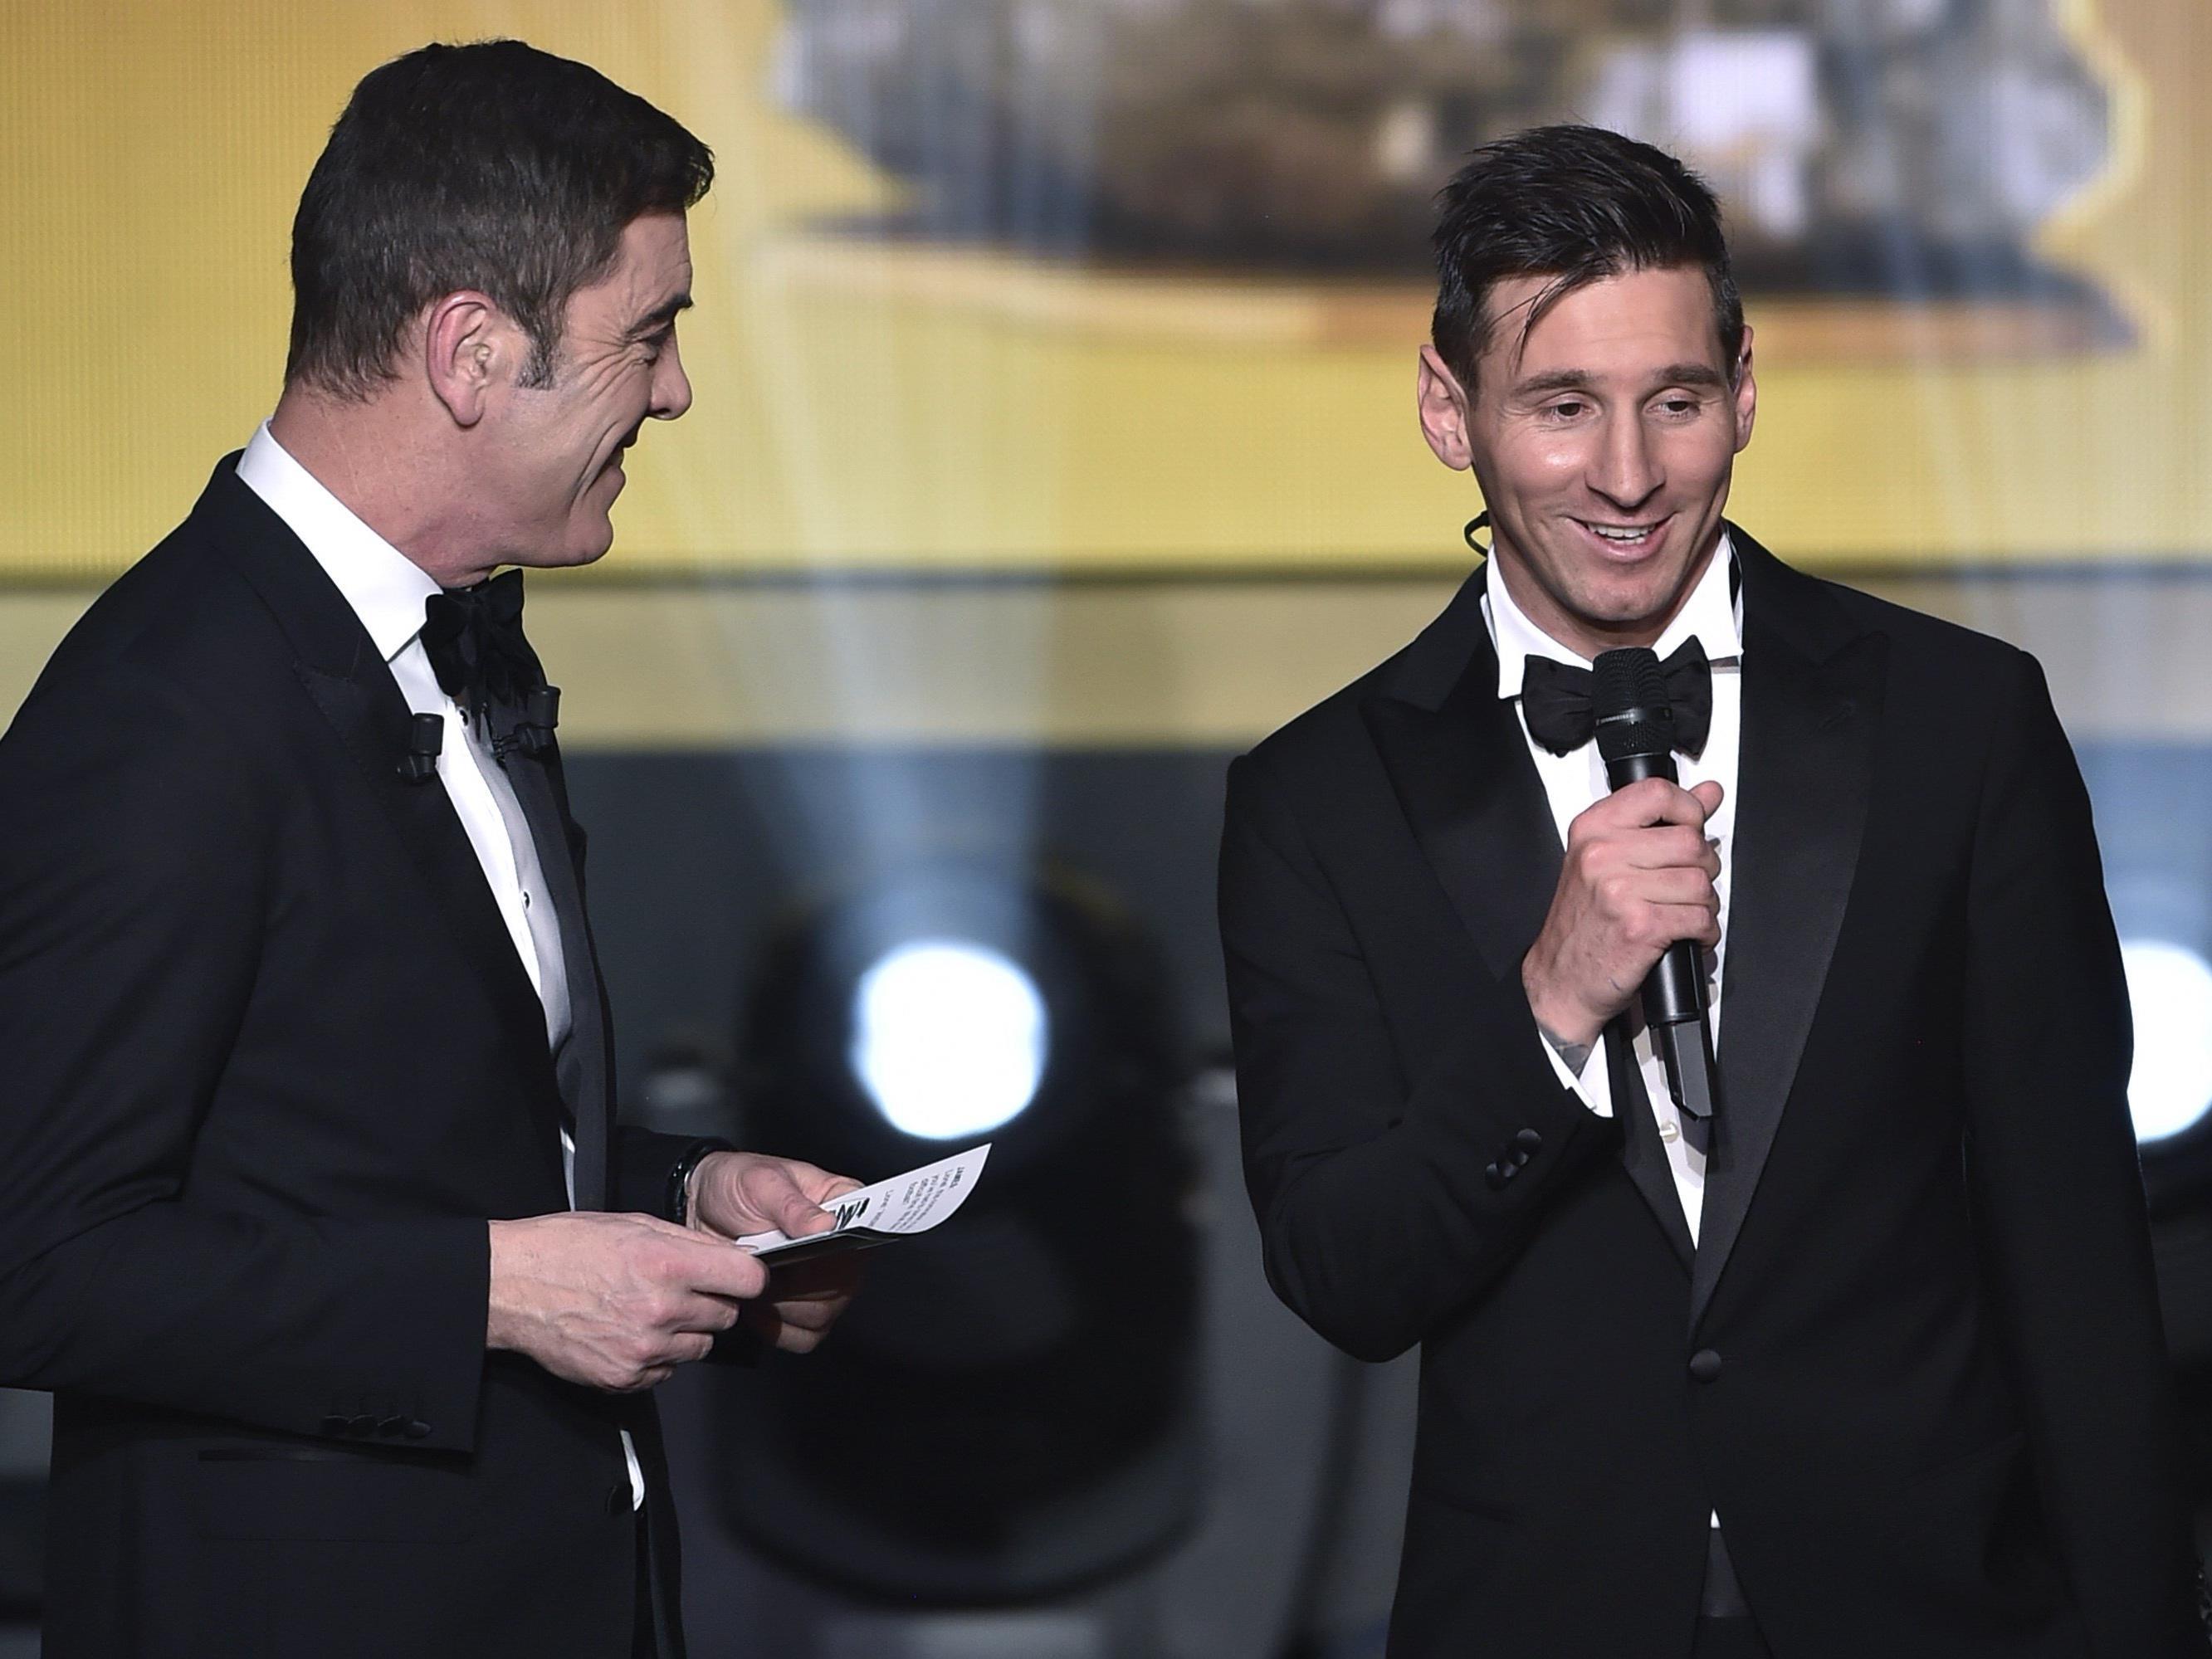 Messi gewann im Vorjahr mit dem FC Barcelona Spaniens Meisterschaft und Cup sowie die Champions League, den europäischen Supercup und die Club-WM.